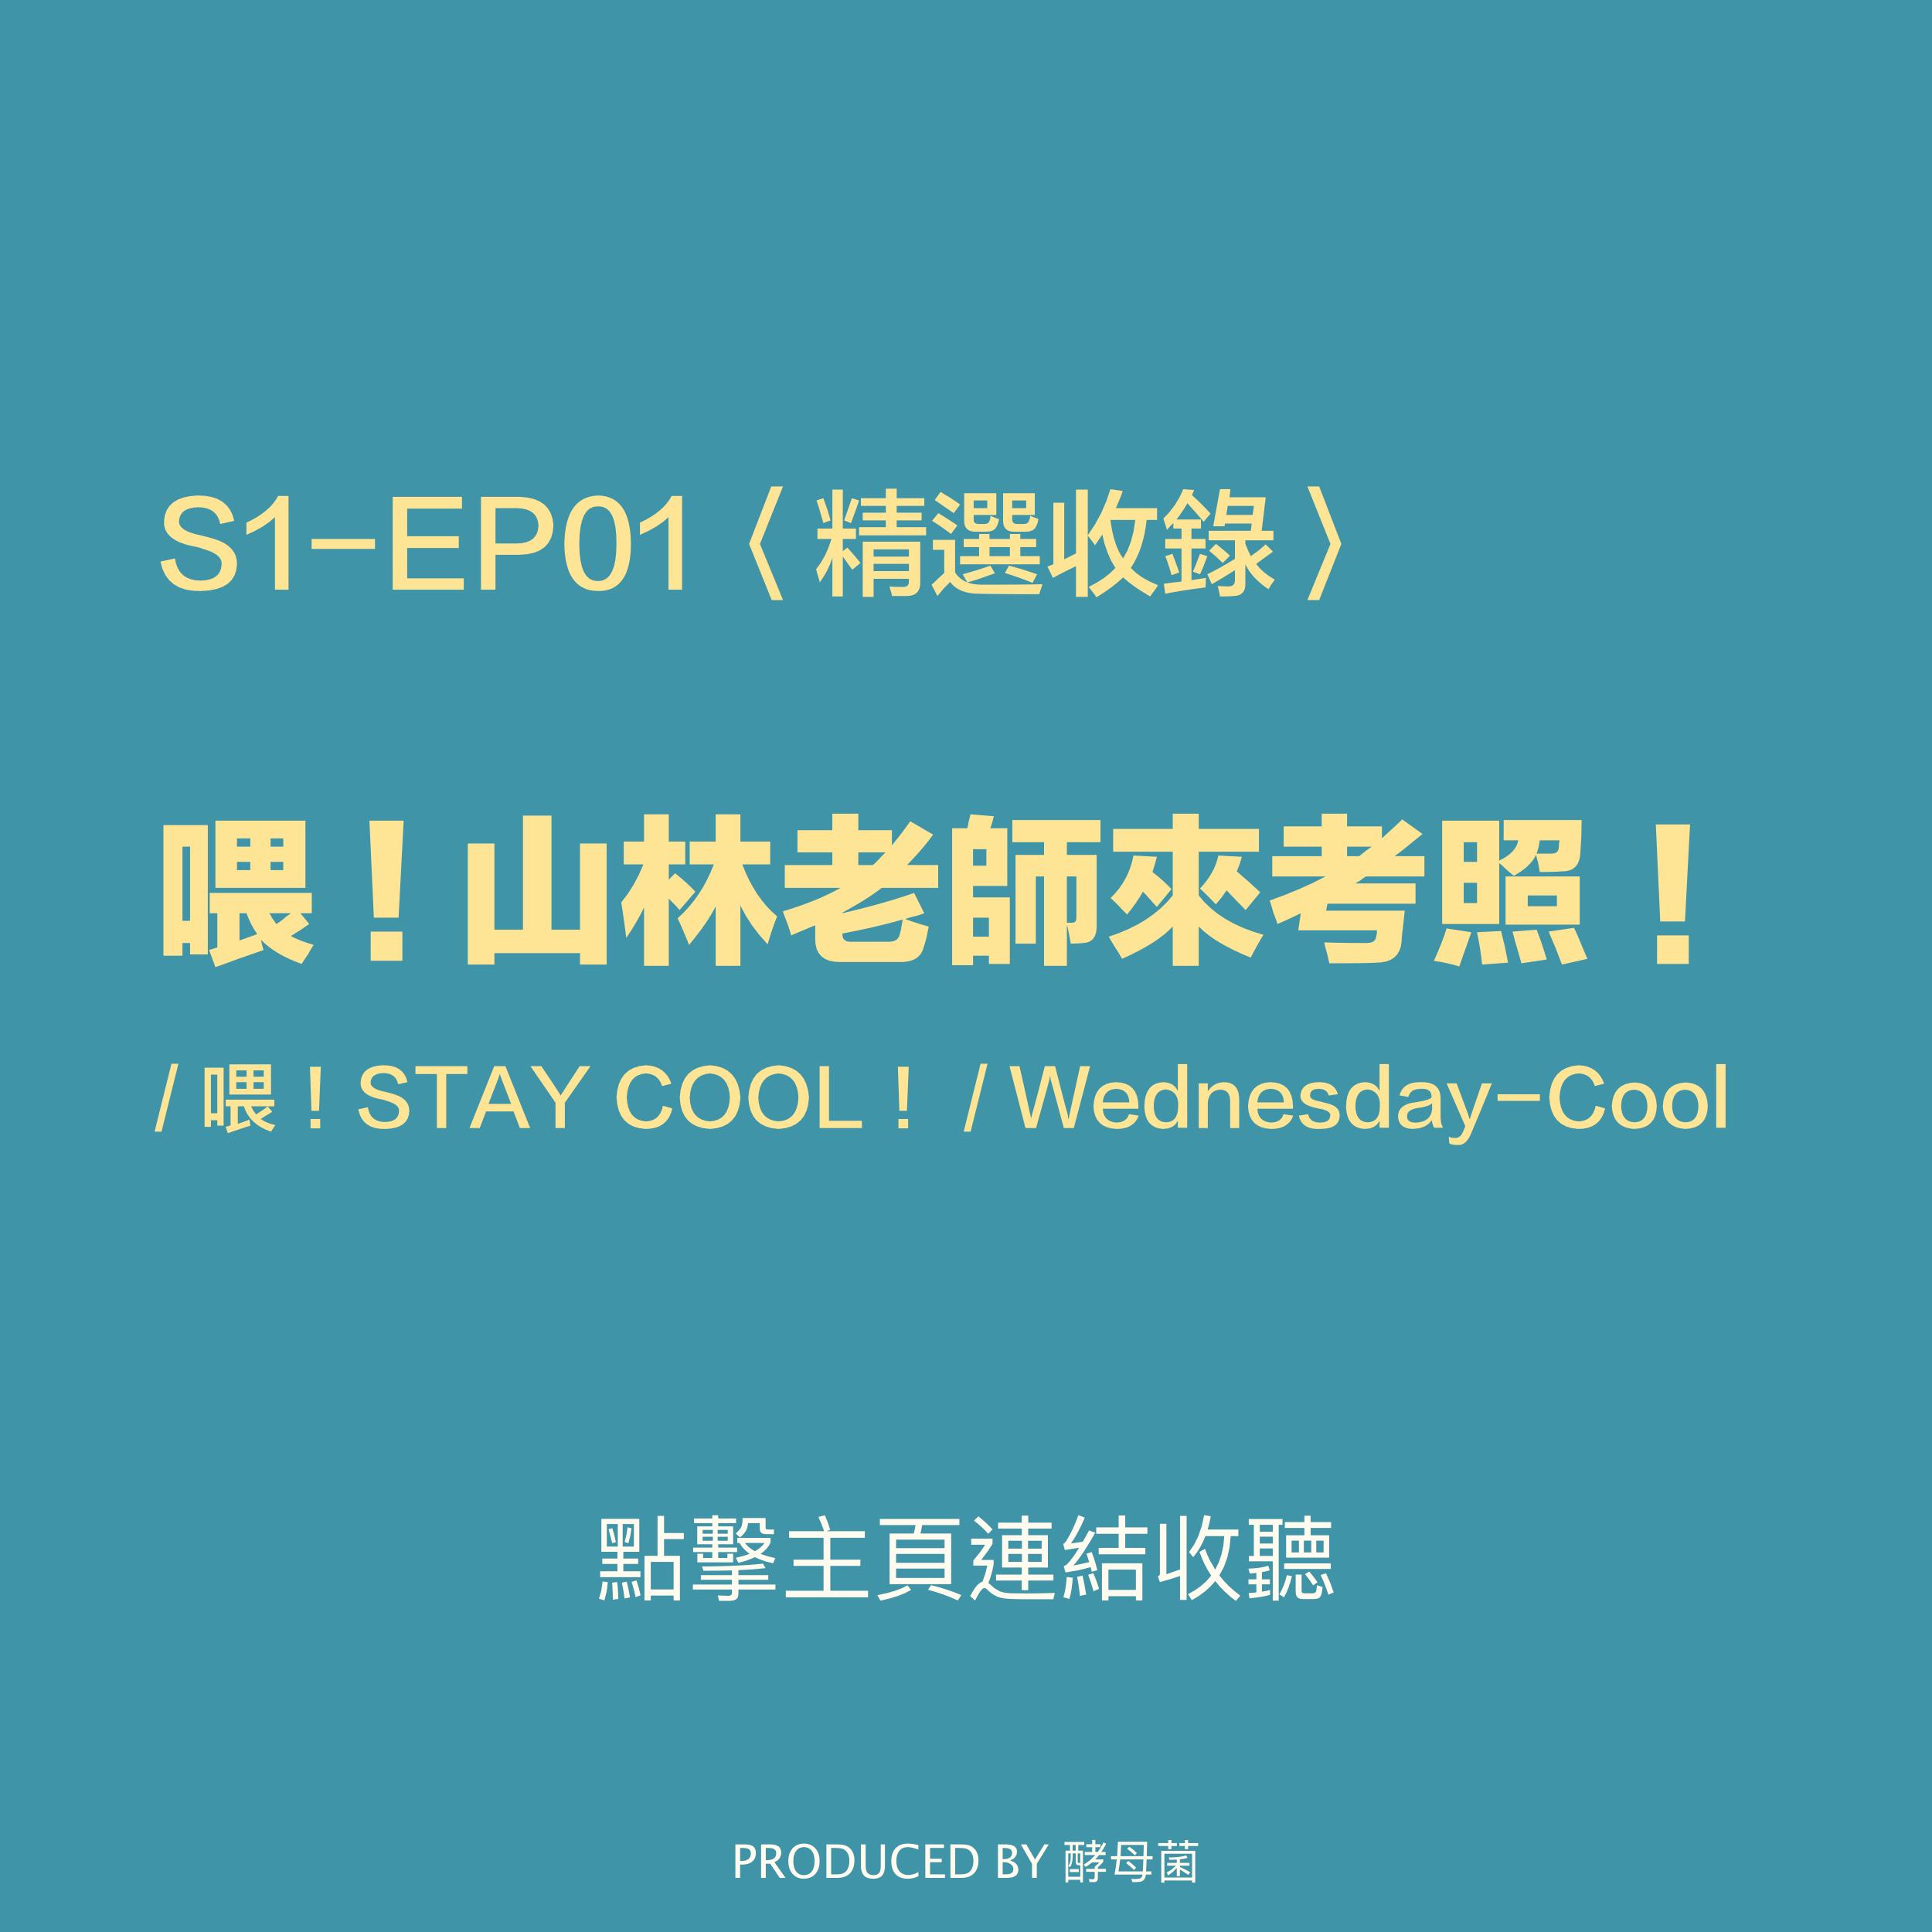 S1-EP01〈 精選收錄 〉 喂!山林老師來考照!